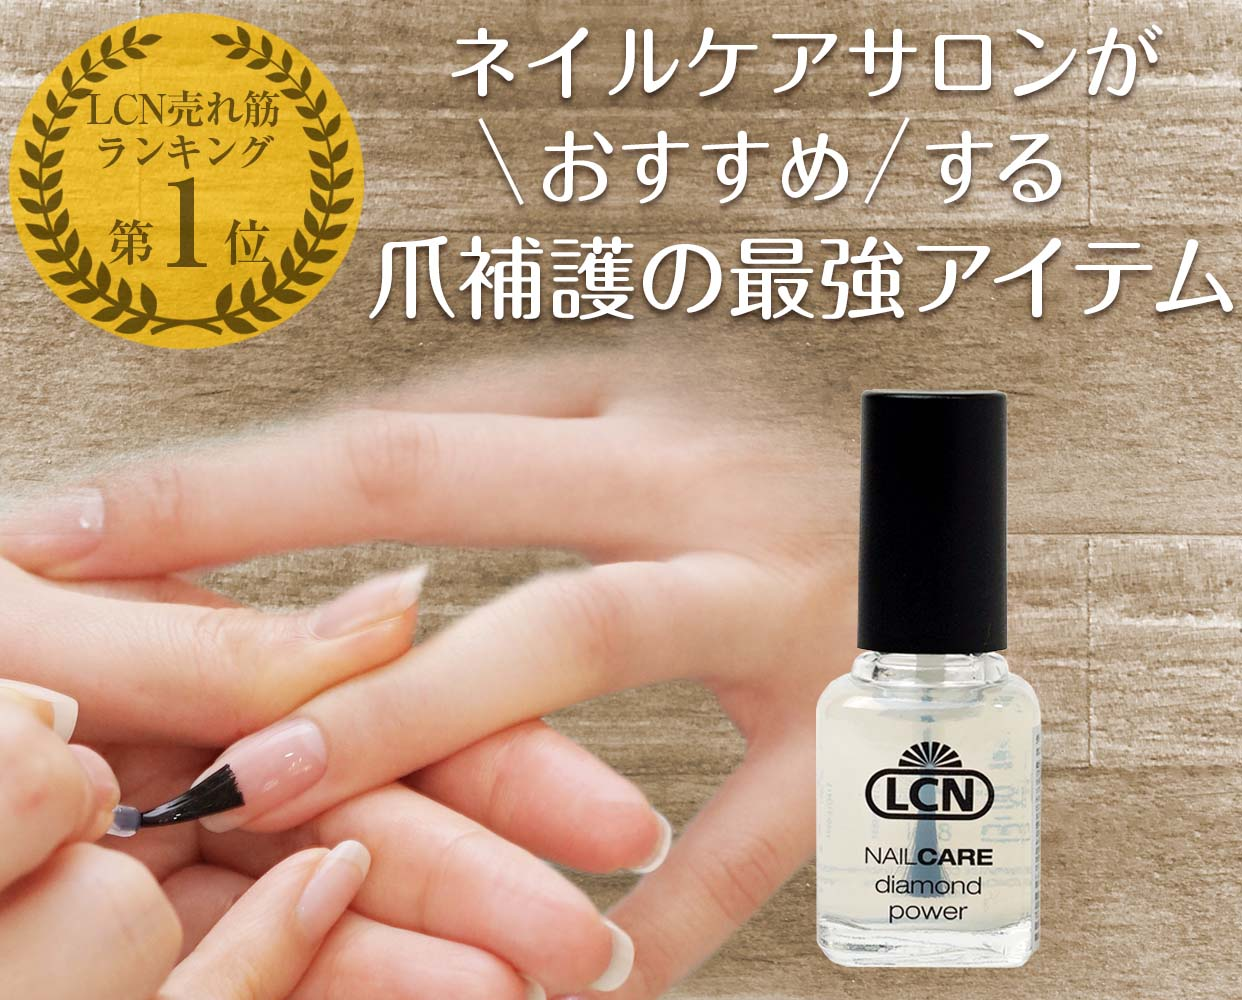 爪保護のダイヤモンドパワー